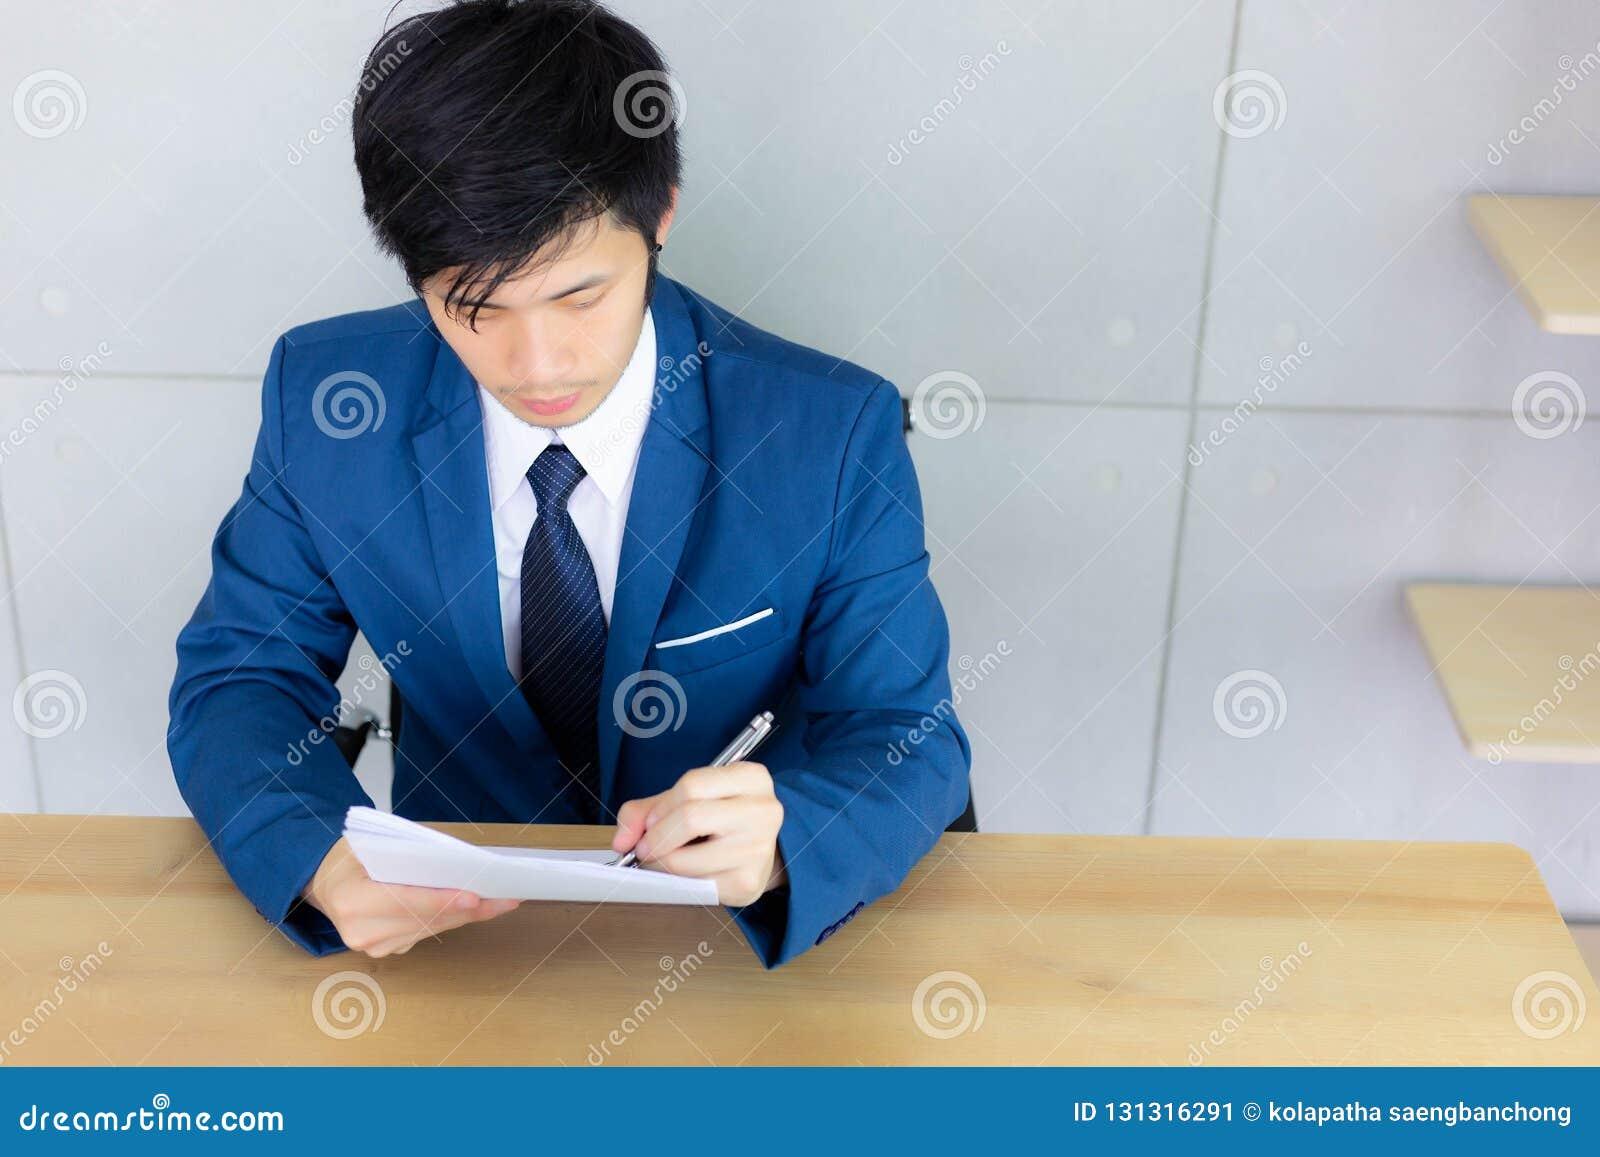 Hübscher junger Kerl ist, lesend schreibend und Zusammenfassung und dokumentiert f